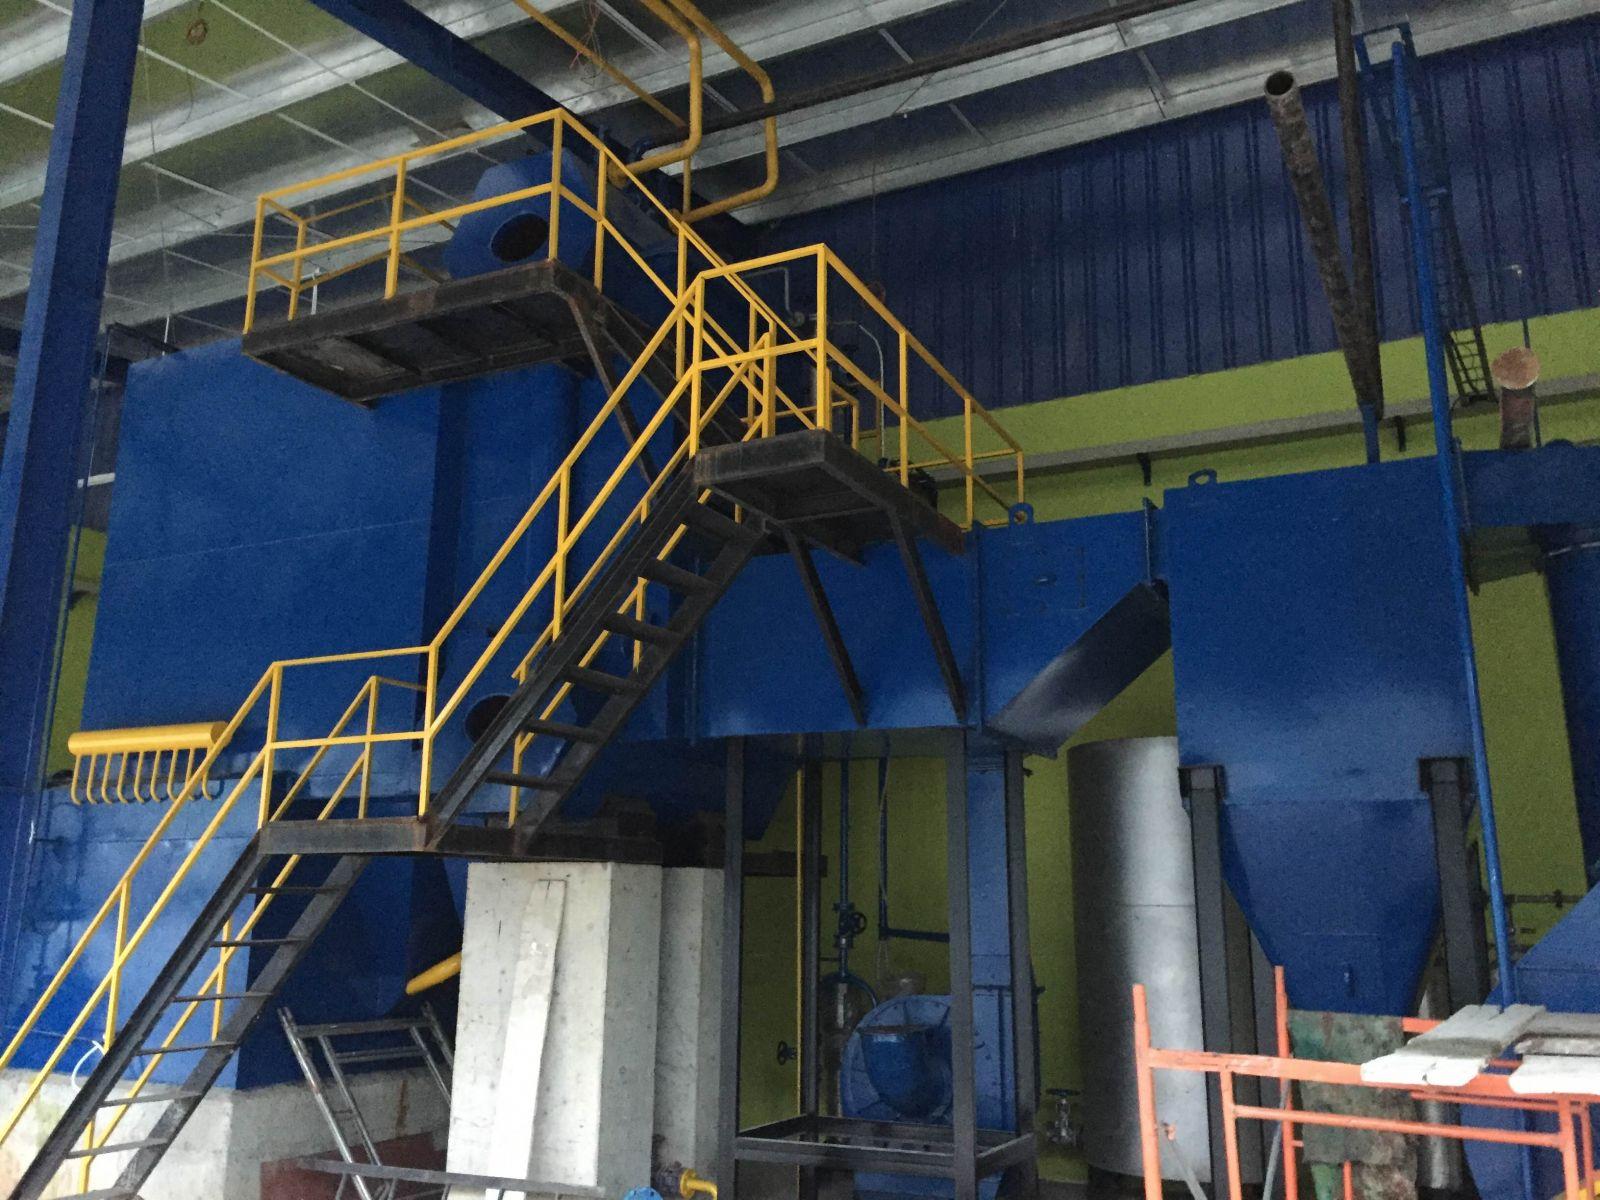 Hưng Tiến Việt - Triển khai thiết kế - chế tạo và lắp đặt nồi hơi tầng sôi cho nhà máy giấy MP Pack tại Liên Chiểu, Đà Nẵng. ☎ 0903.226.212 #noihoitangsoi #lohoitangsoi #noihoi #lohoi